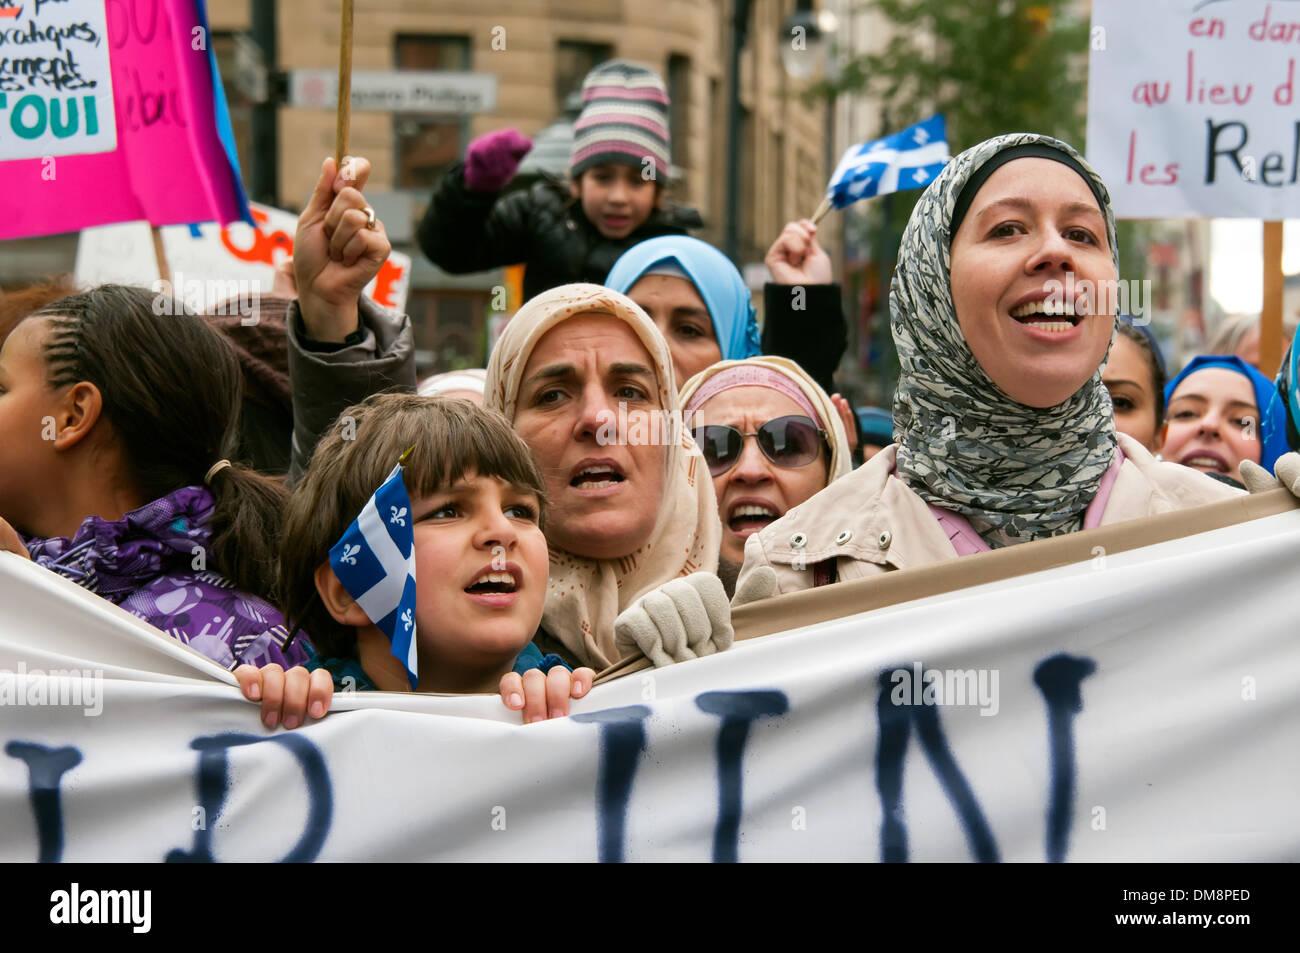 Los ciudadanos musulmanes protestan contra la nueva propuesta de carta de valores en Montreal .El gráfico prohíbe los signos religiosos en el servicio público. Imagen De Stock